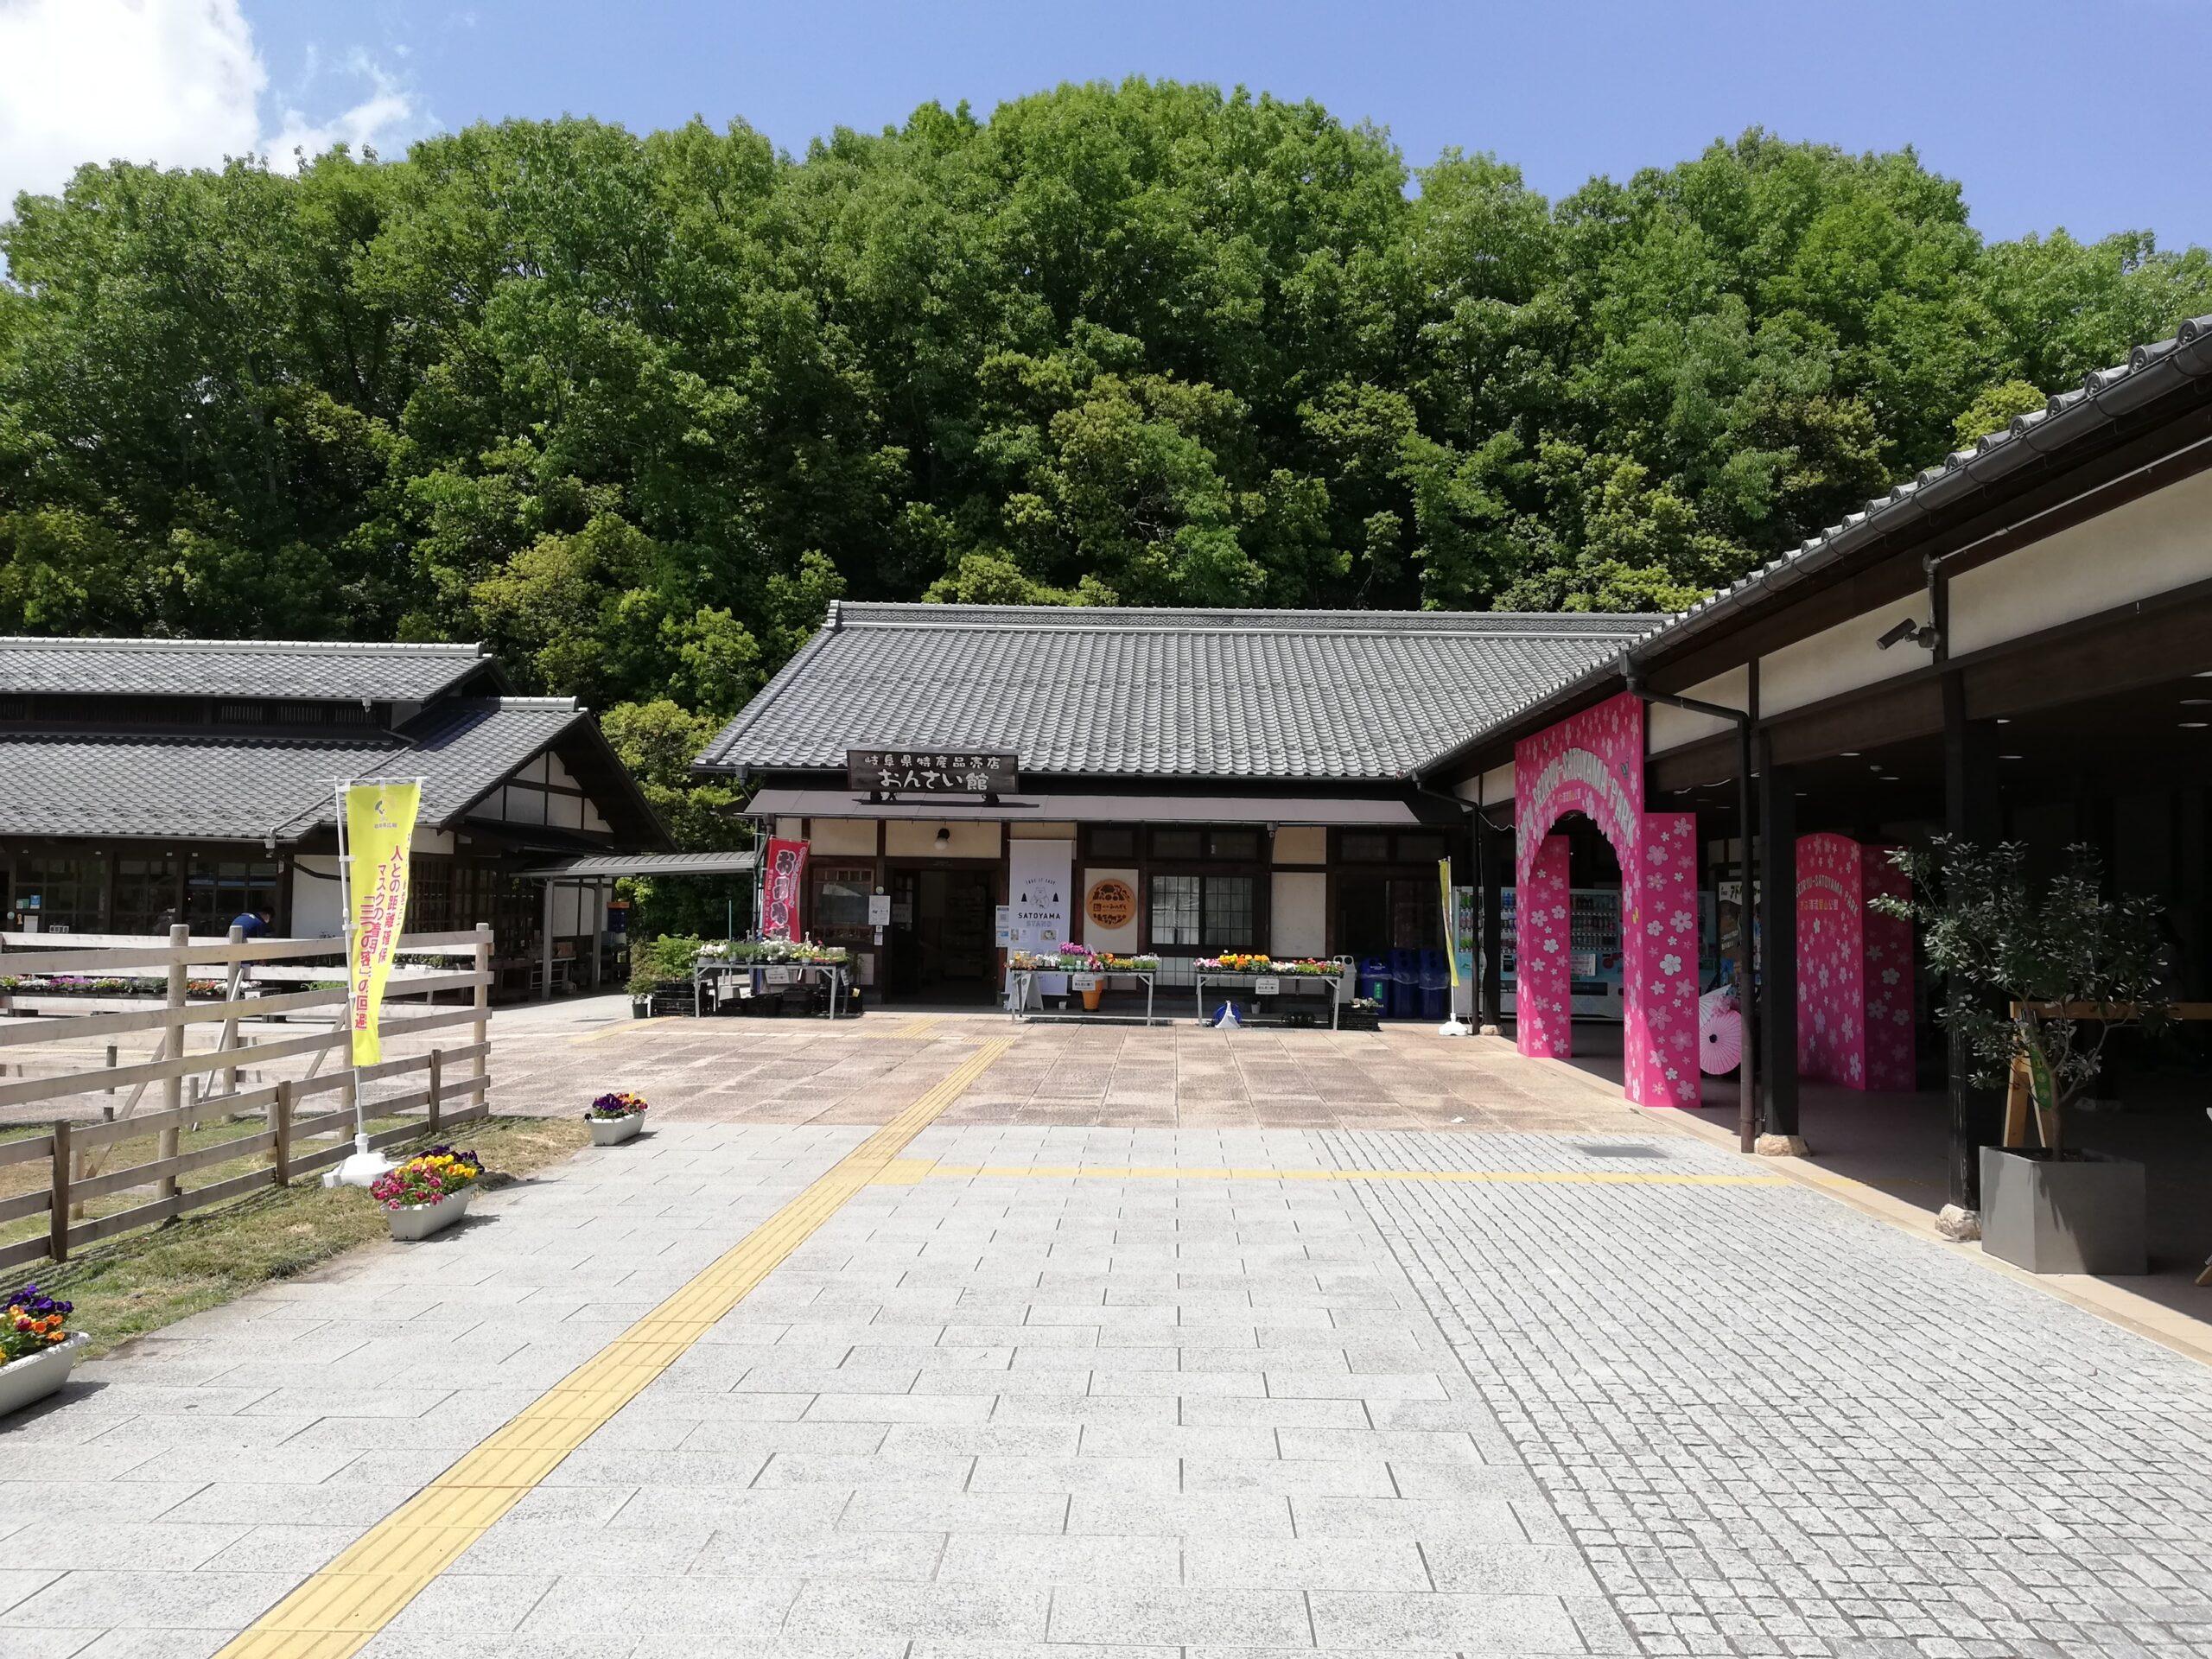 ペットとお出かけ 岐阜県美濃加茂市 ぎふ清流里山公園 レトロな空間